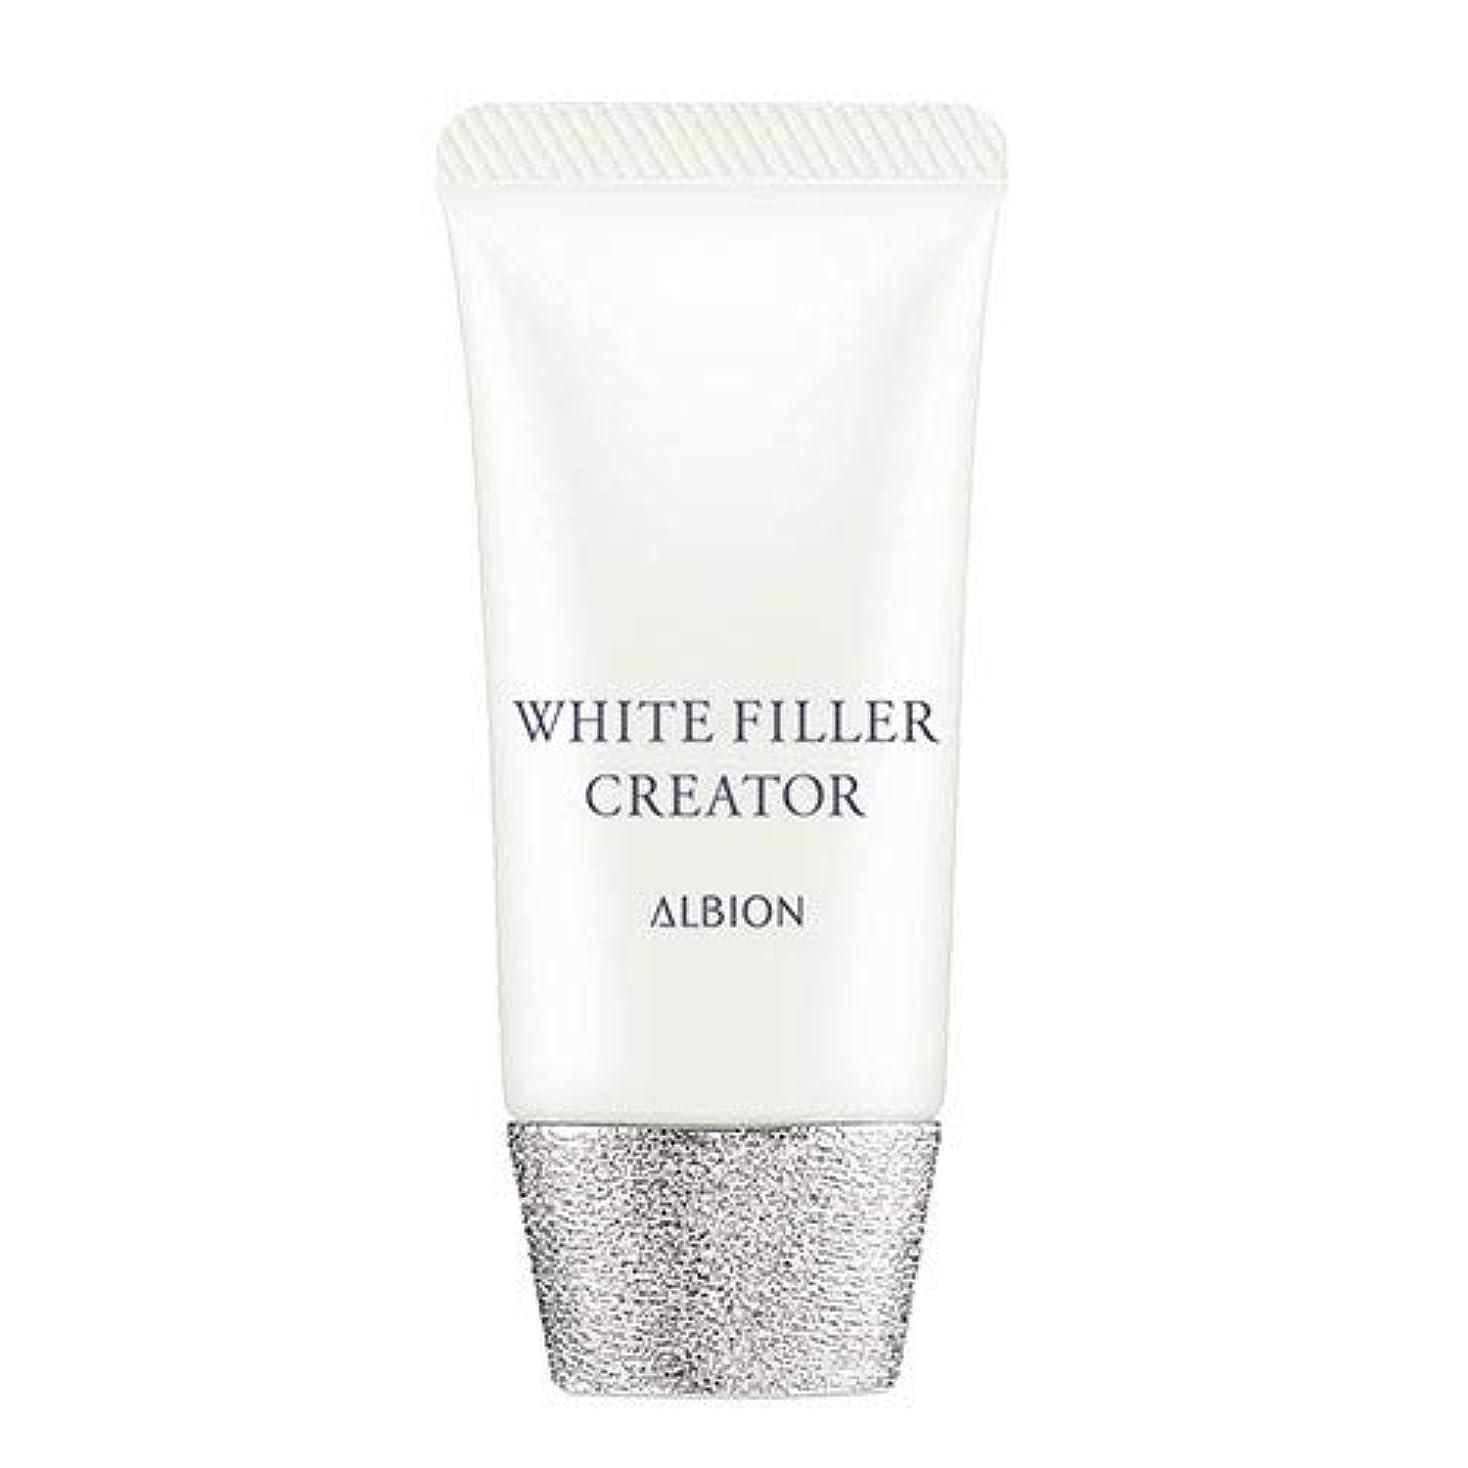 同一性スリルあるアルビオン ホワイトフィラー クリエイター SPF35?PA+++ 30g -ALBION-